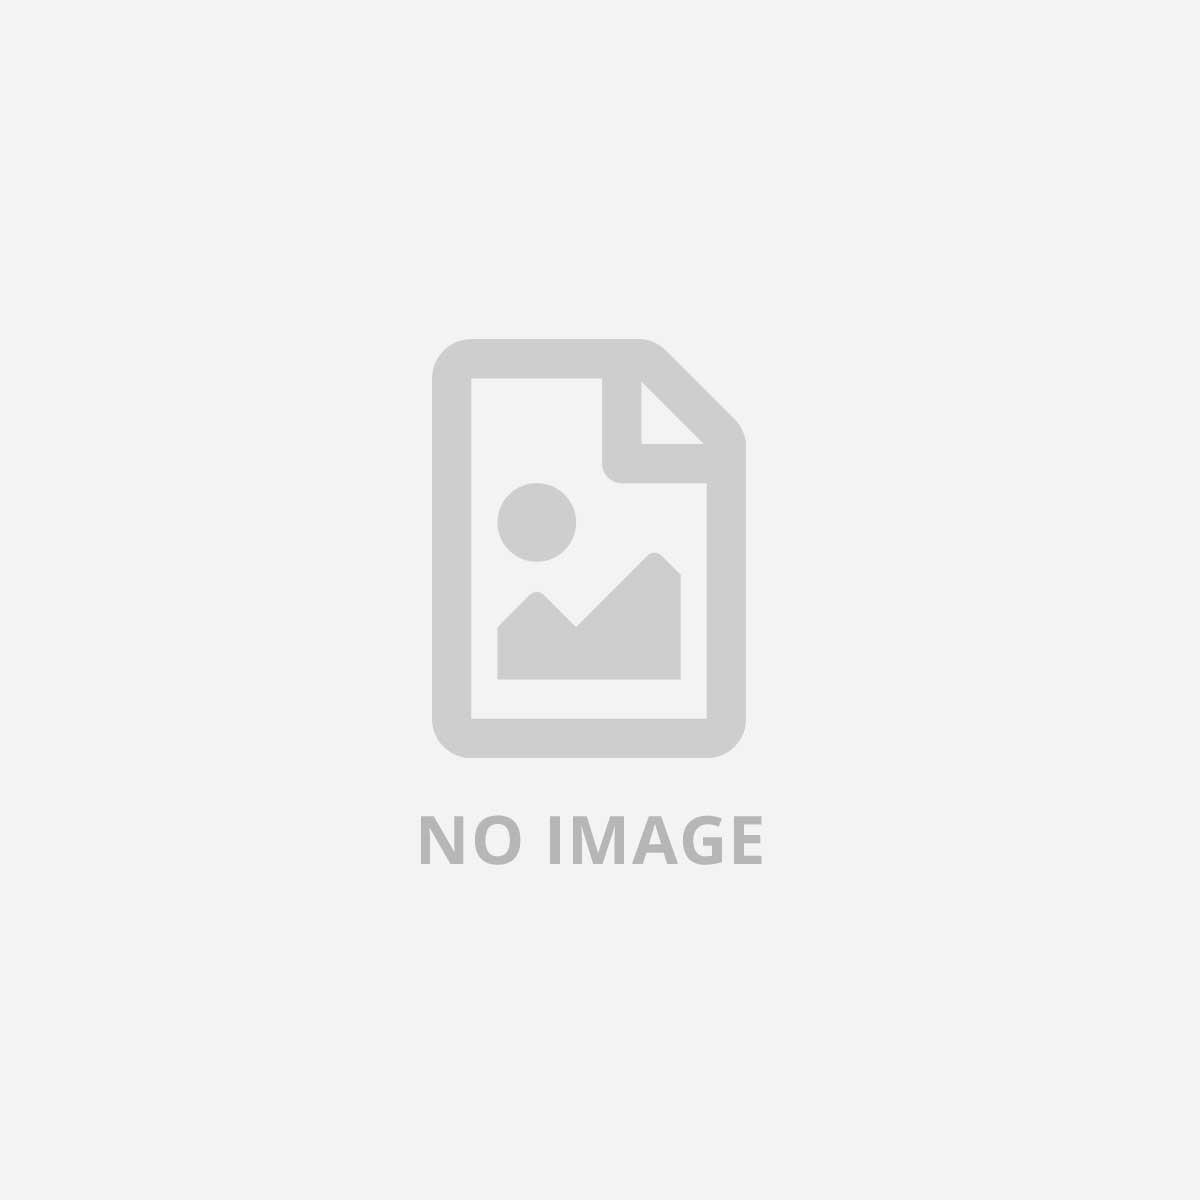 TICO CF800ETICHETTE EXPORT 16X10MM